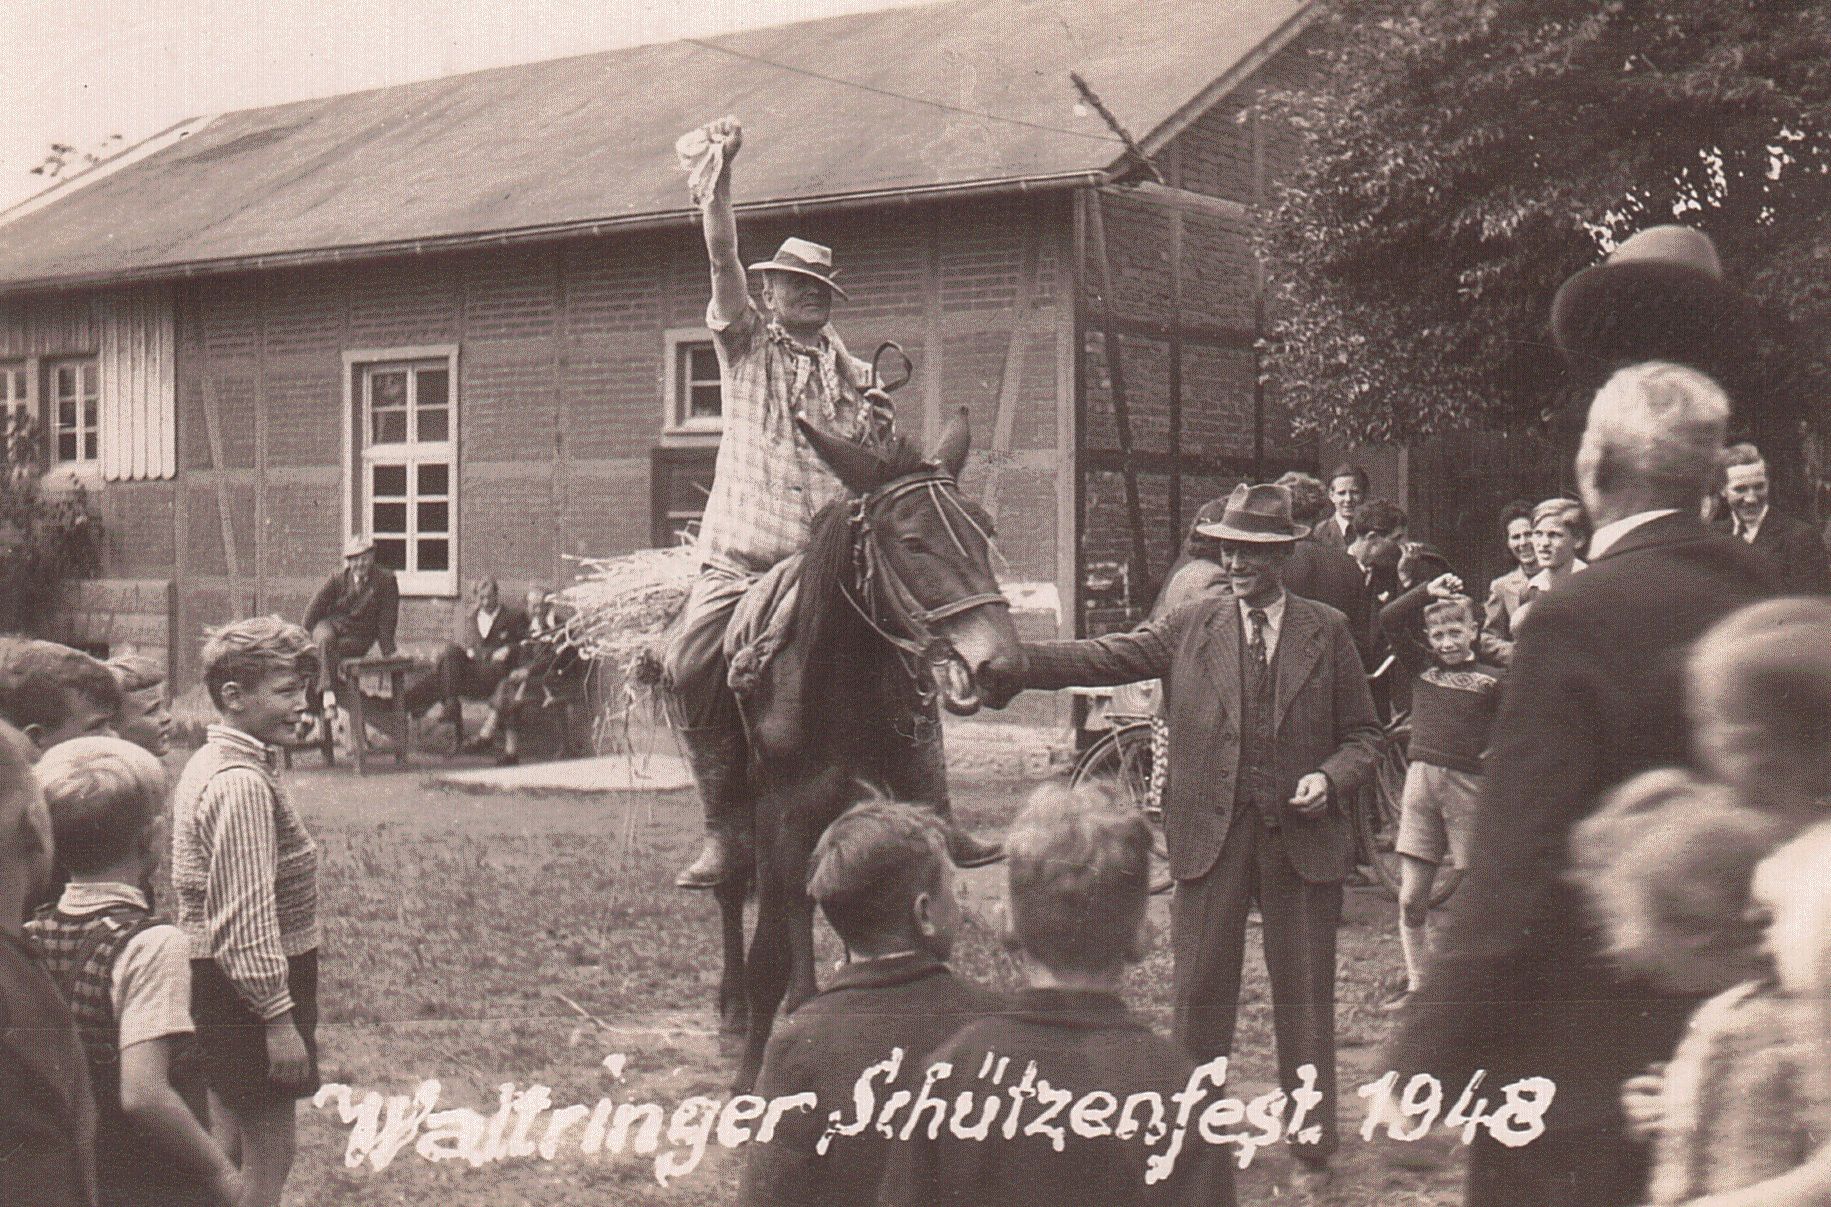 Schützenfest 1948